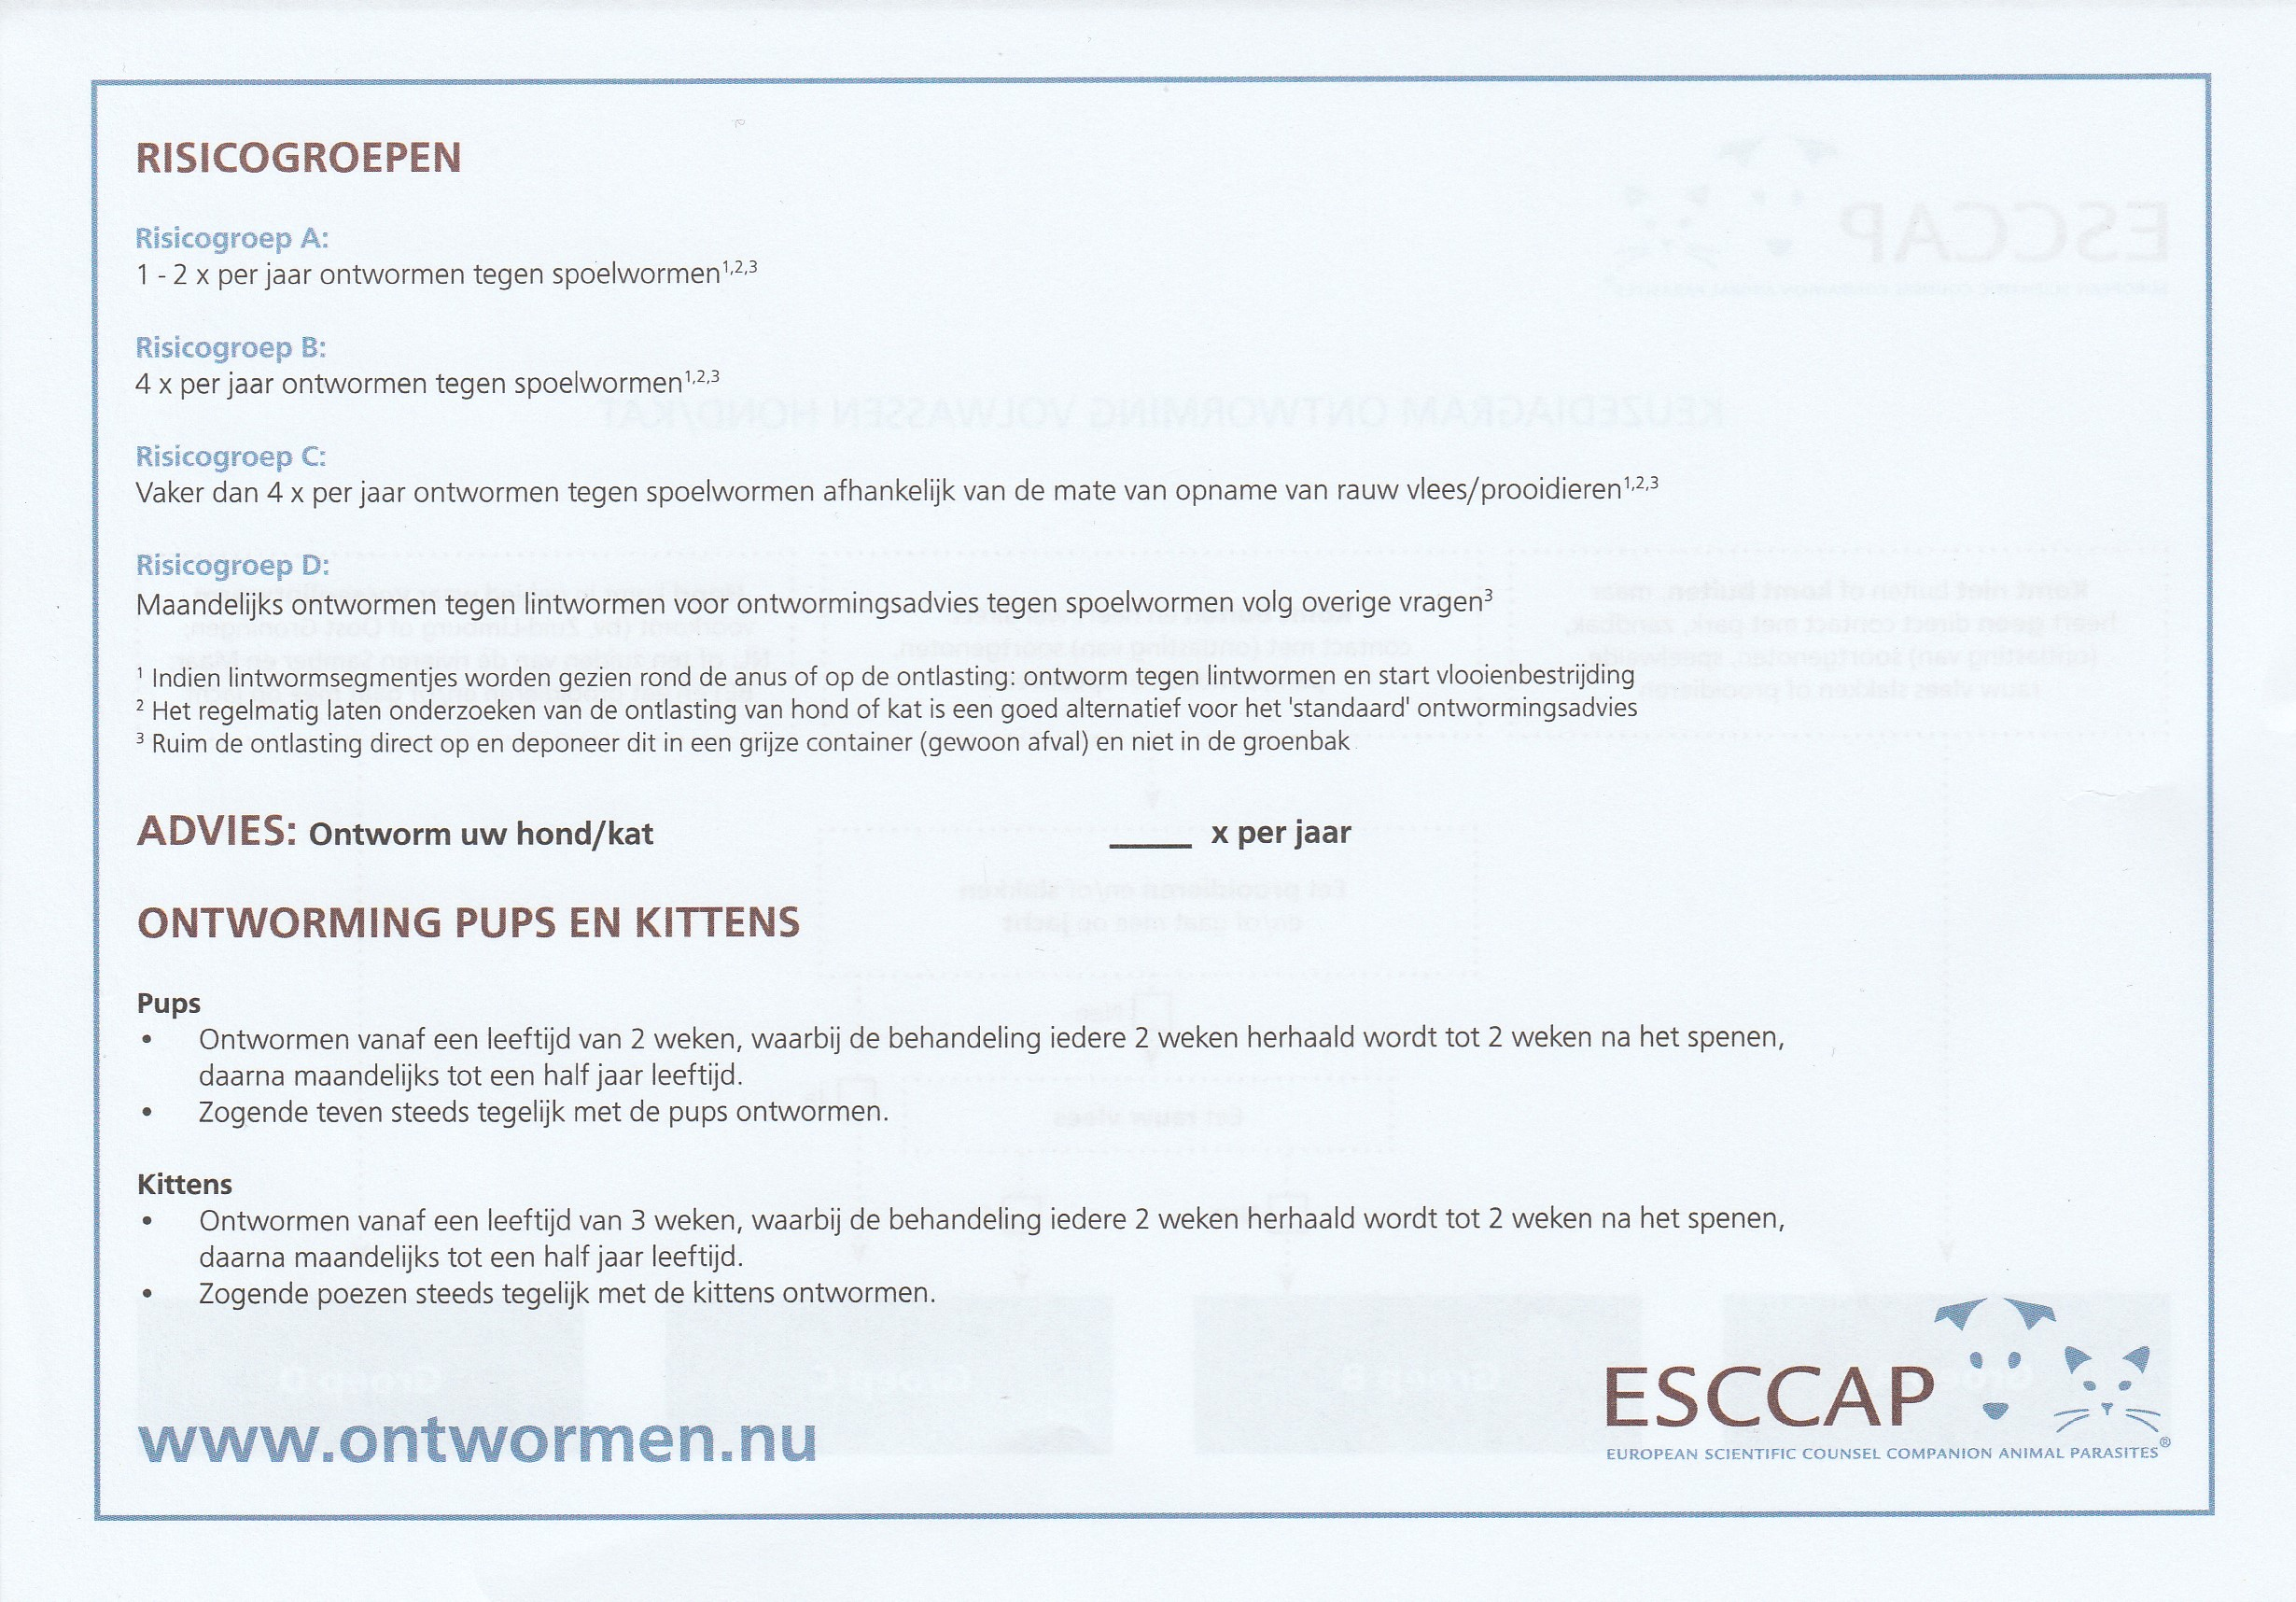 ESCCAP ontwormingsschema 2